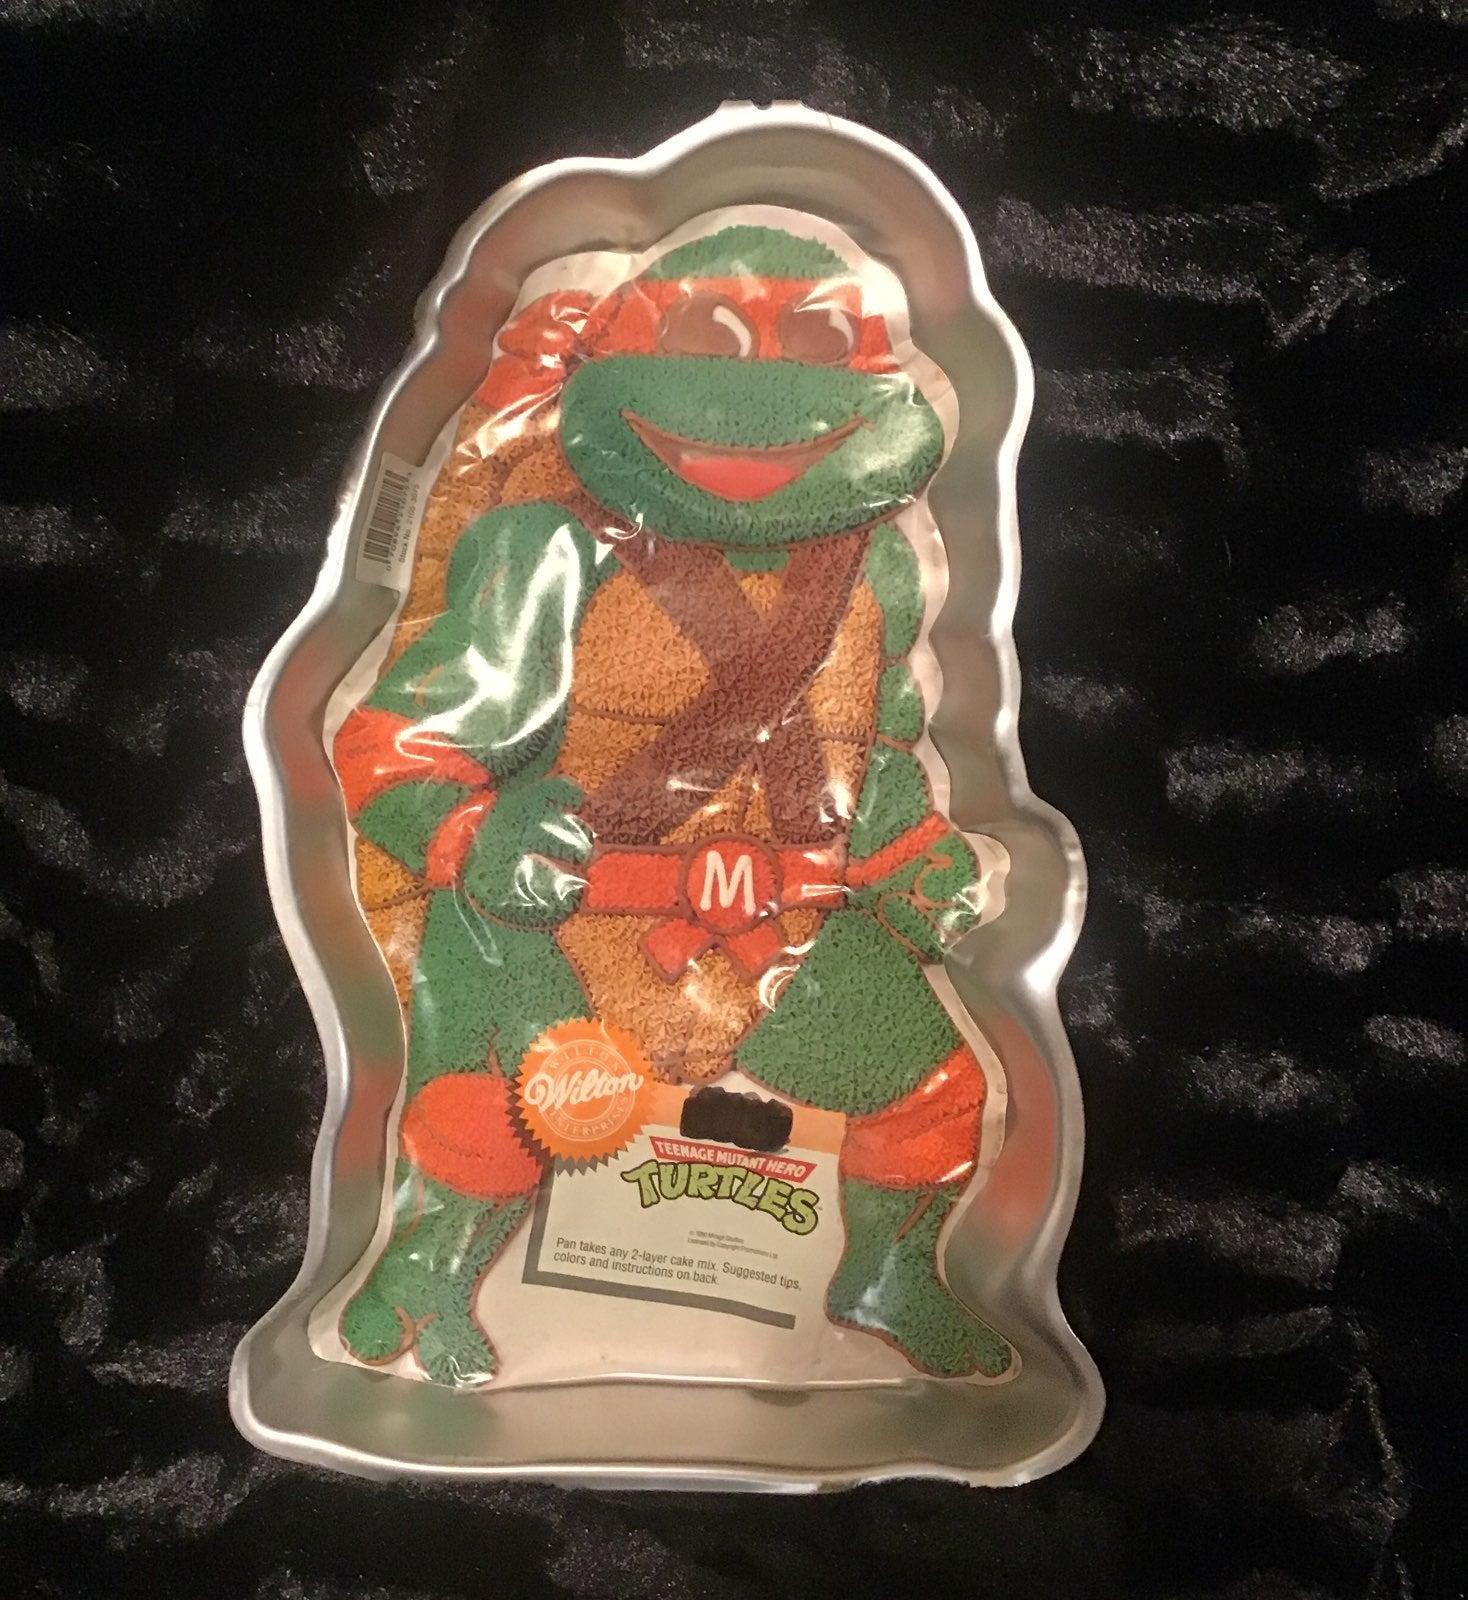 Ninja Turtles wilton cakepan